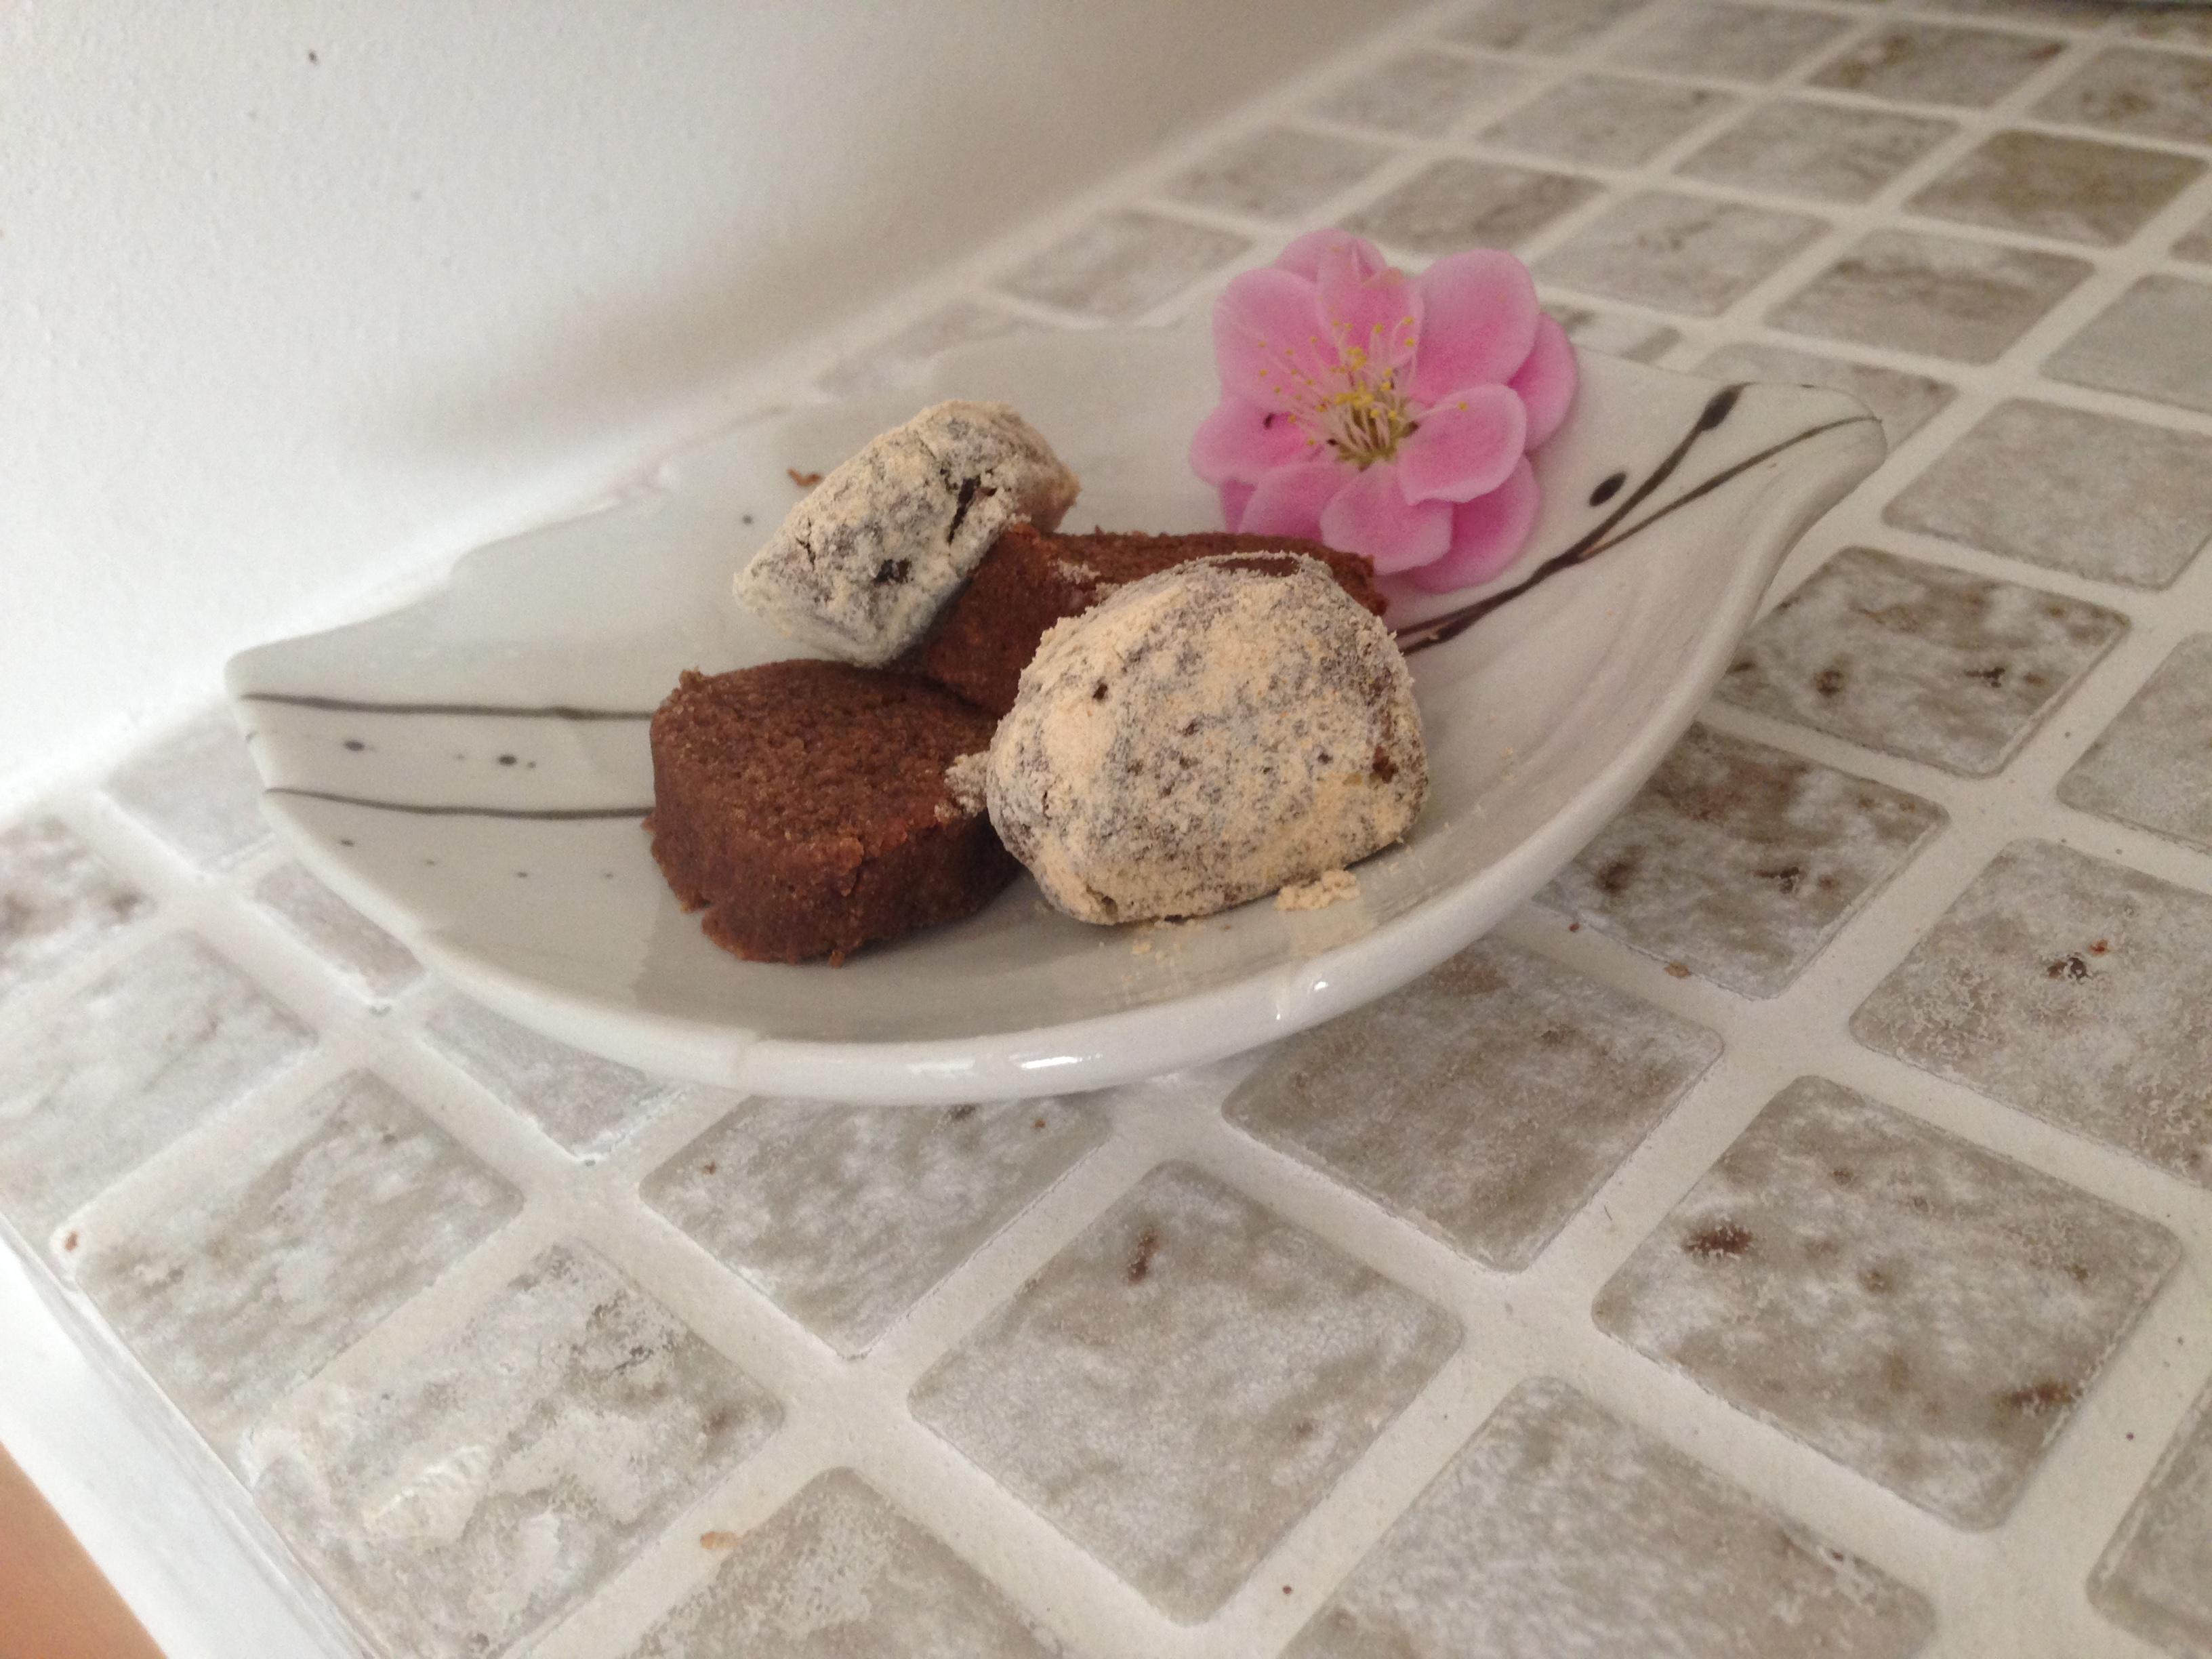 【卵・乳・小麦不使用】はったい粉のおやつレシピ